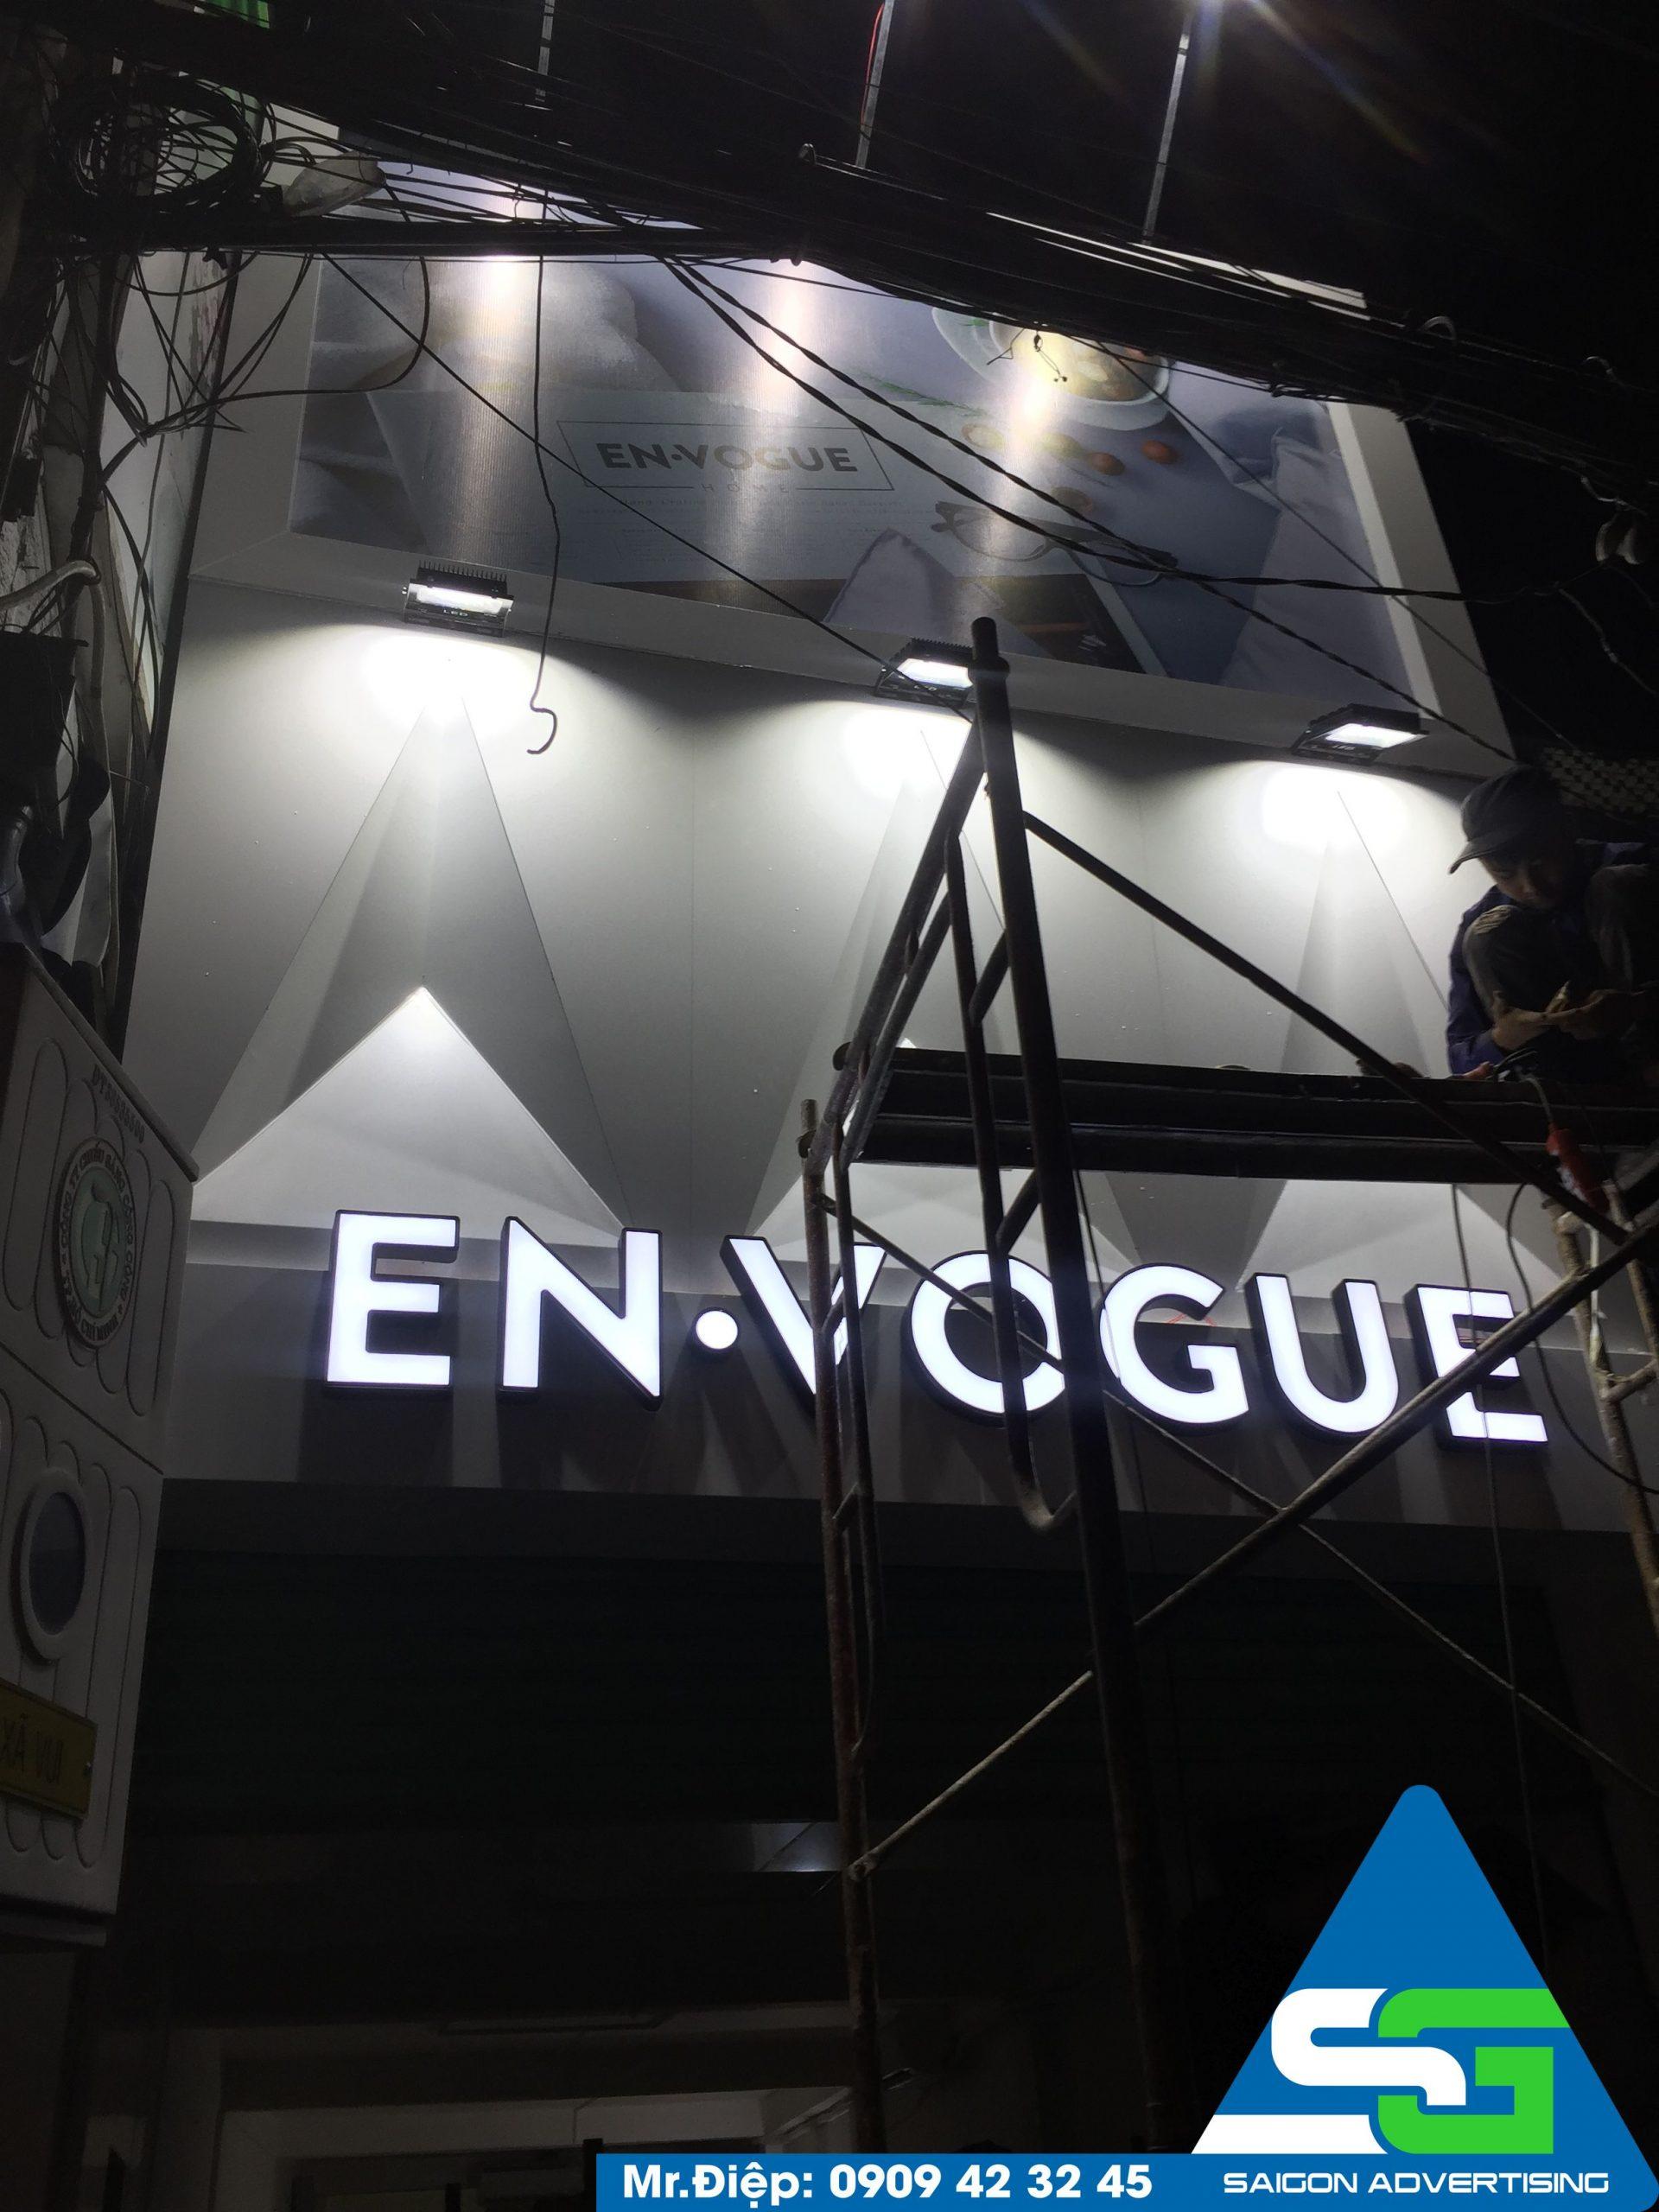 Mẫu bảng hiệu shop Envogue